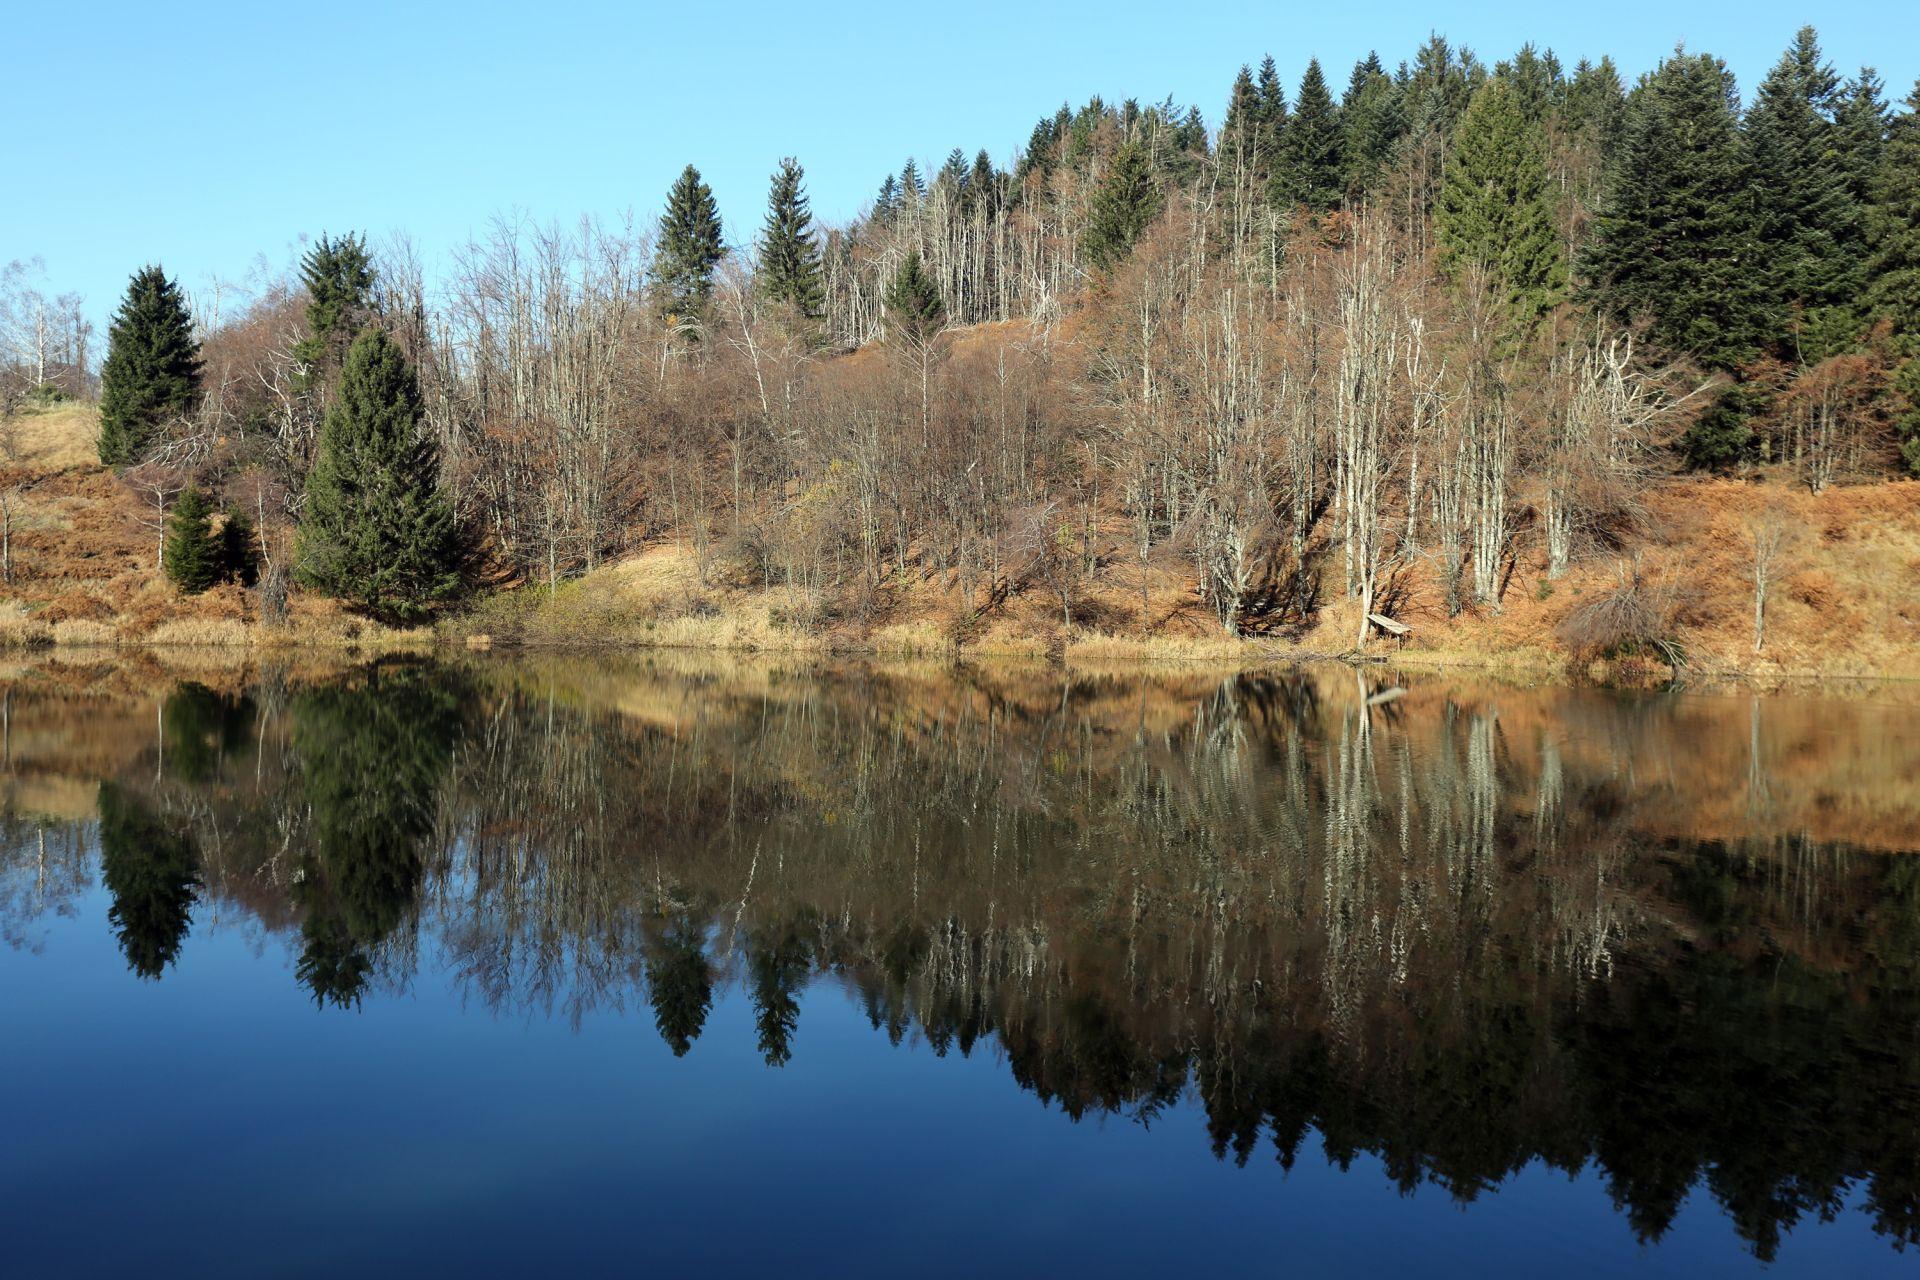 STRUČNJACI UPOZORAVAJU: Smrekov potkornjak uništava šume u Gorskom kotaru